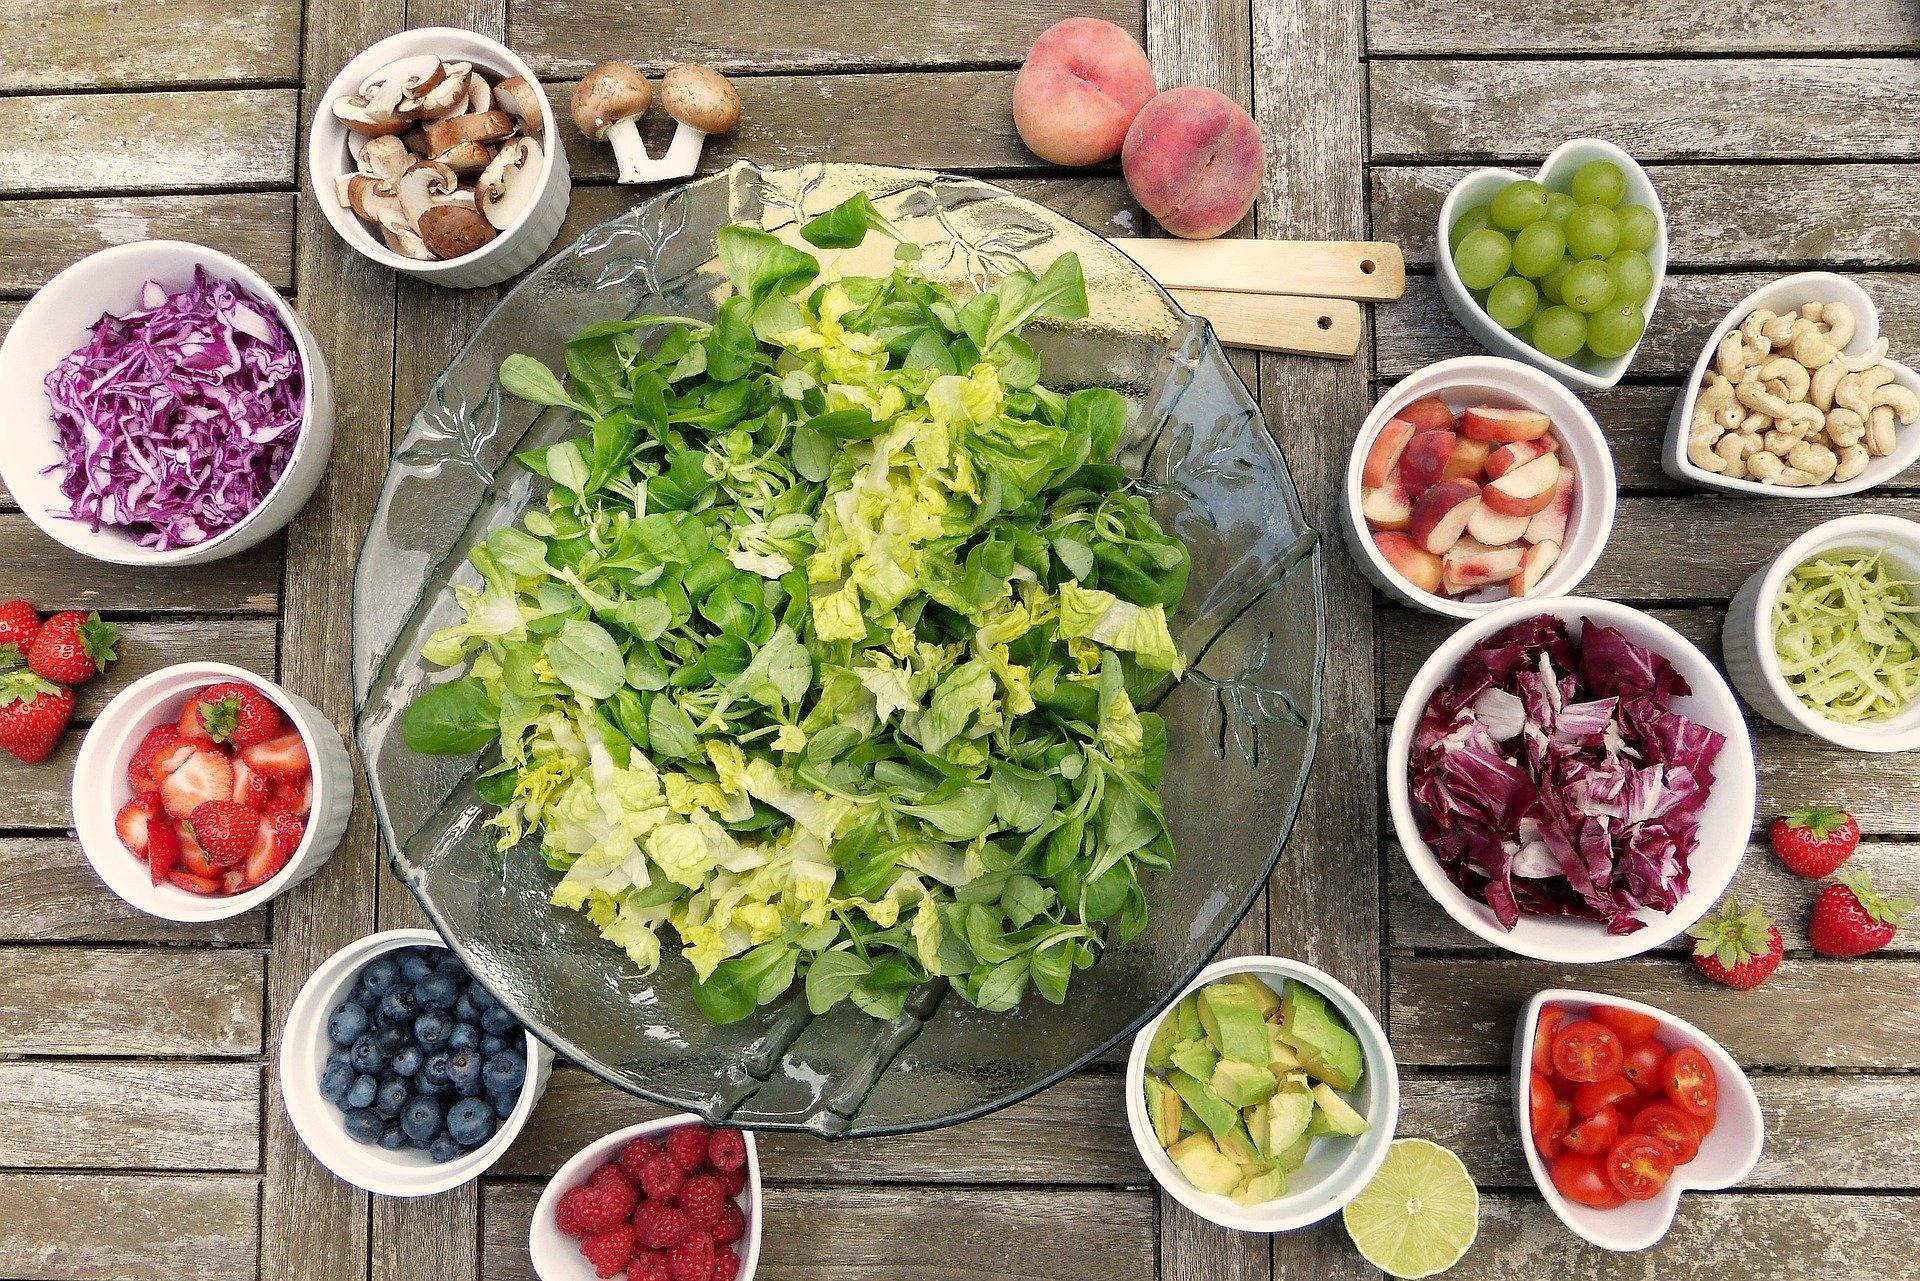 What Do Vegans Eat